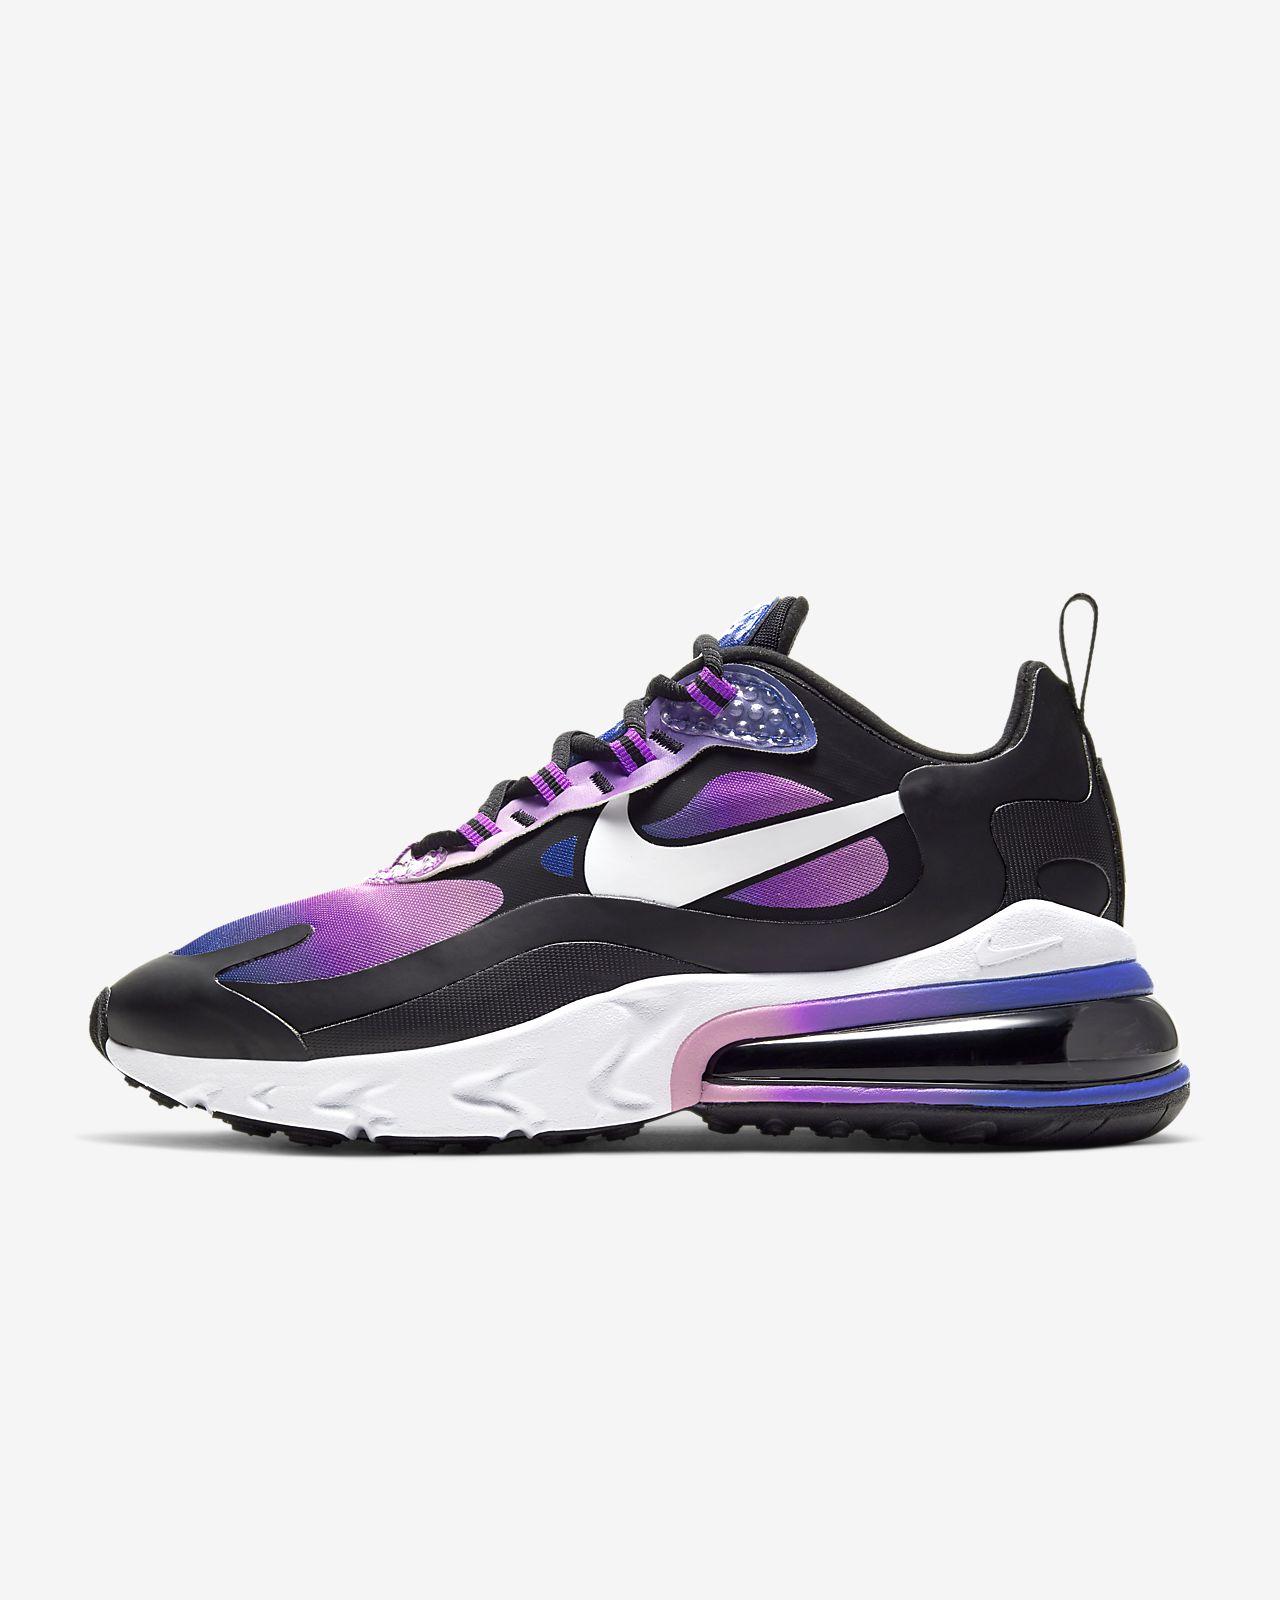 Moderne Nike Running Femme Bleu Air Max 90 Chaussure De Foot